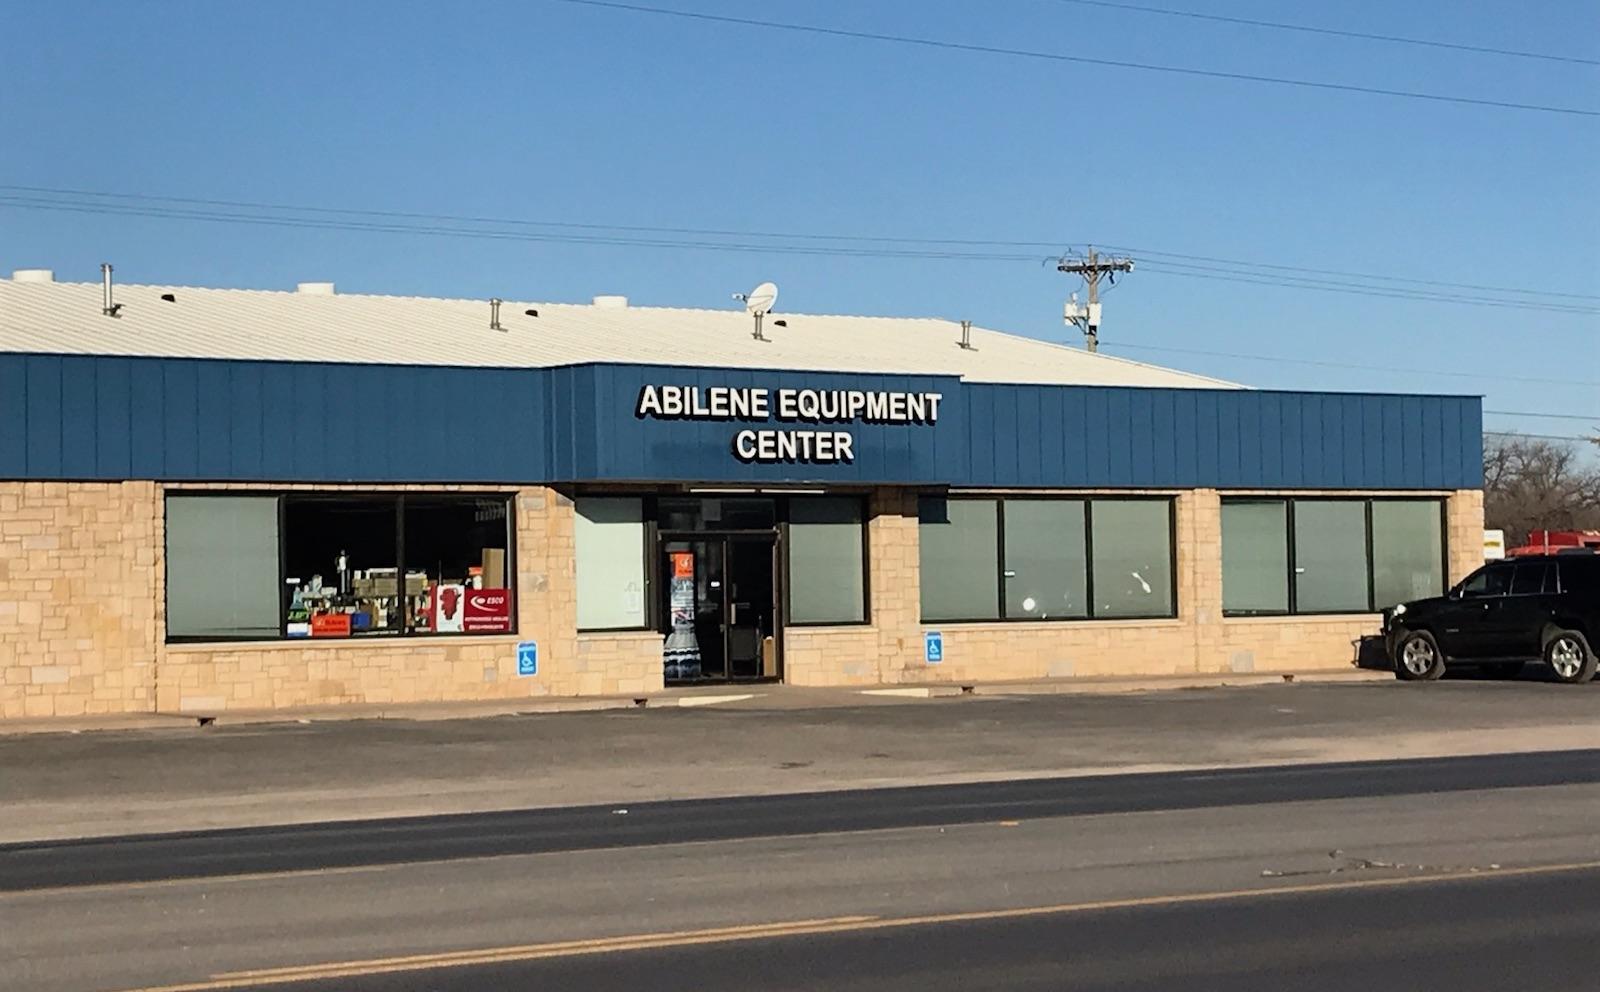 Kubota Dealer In Abilene Tx Abilene Equipment Center